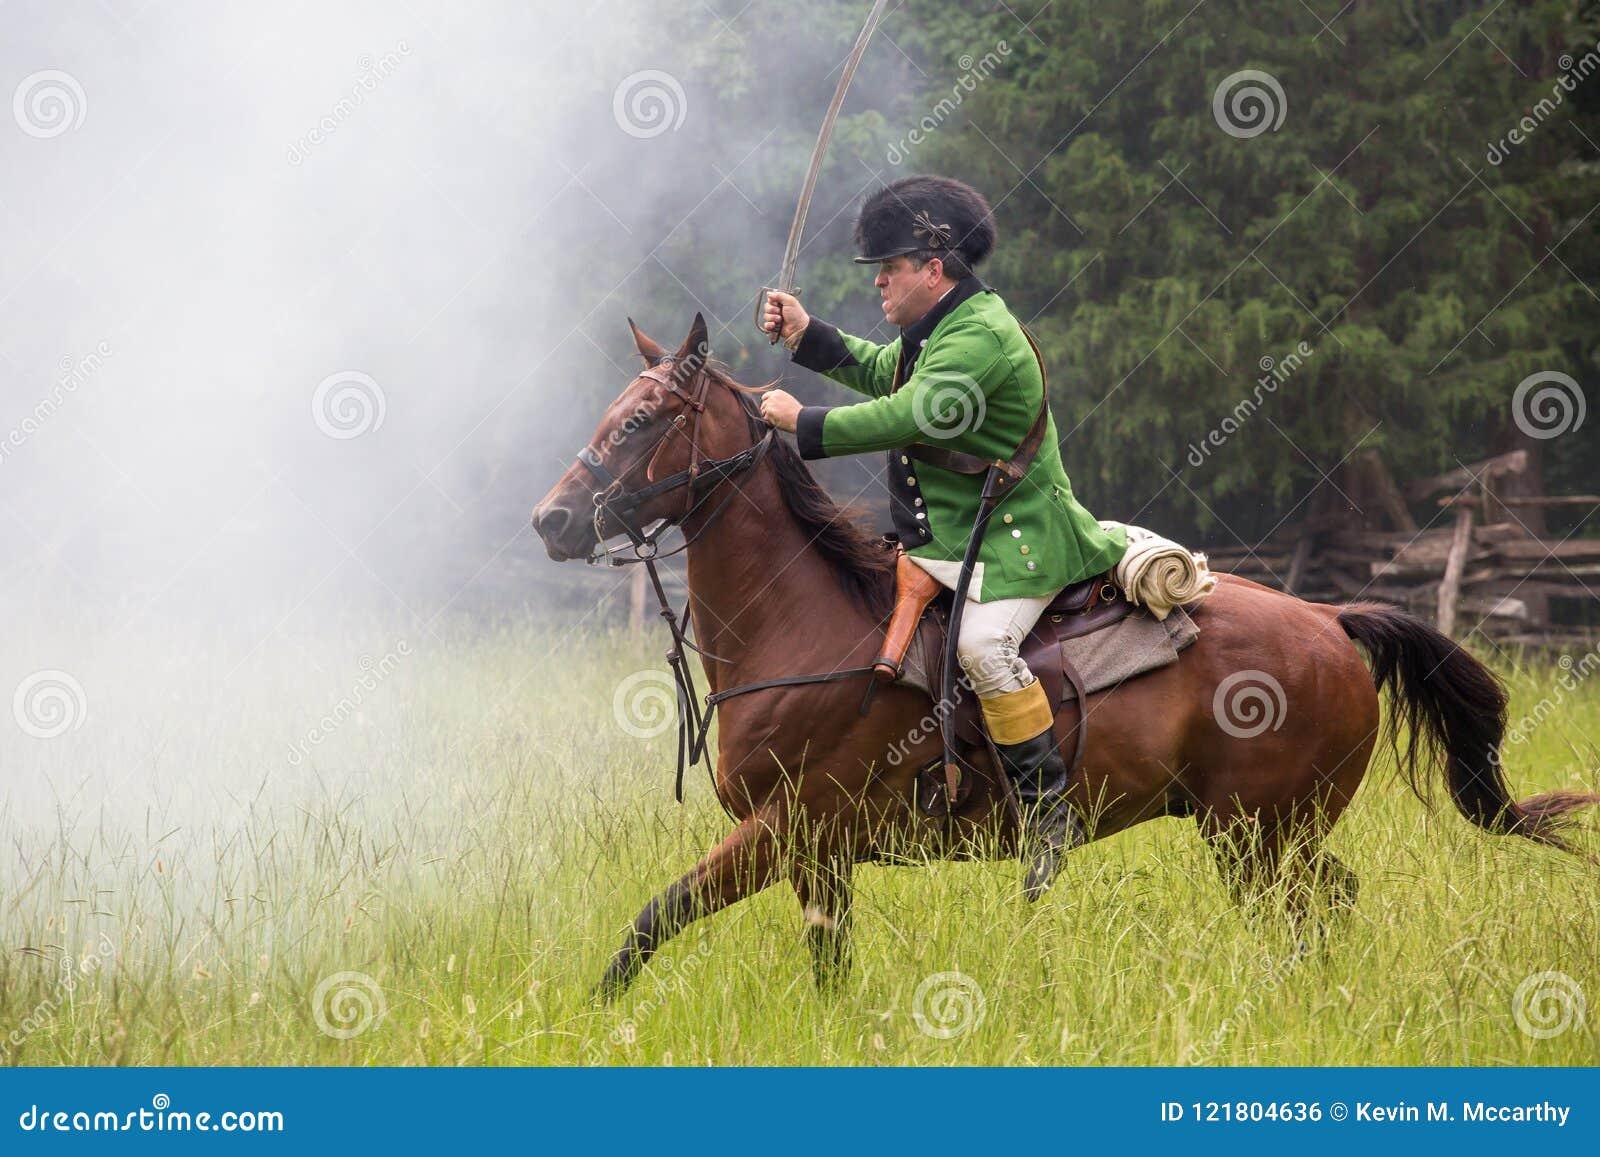 Revolutionary War Reenactor On Horseback Editorial Photo